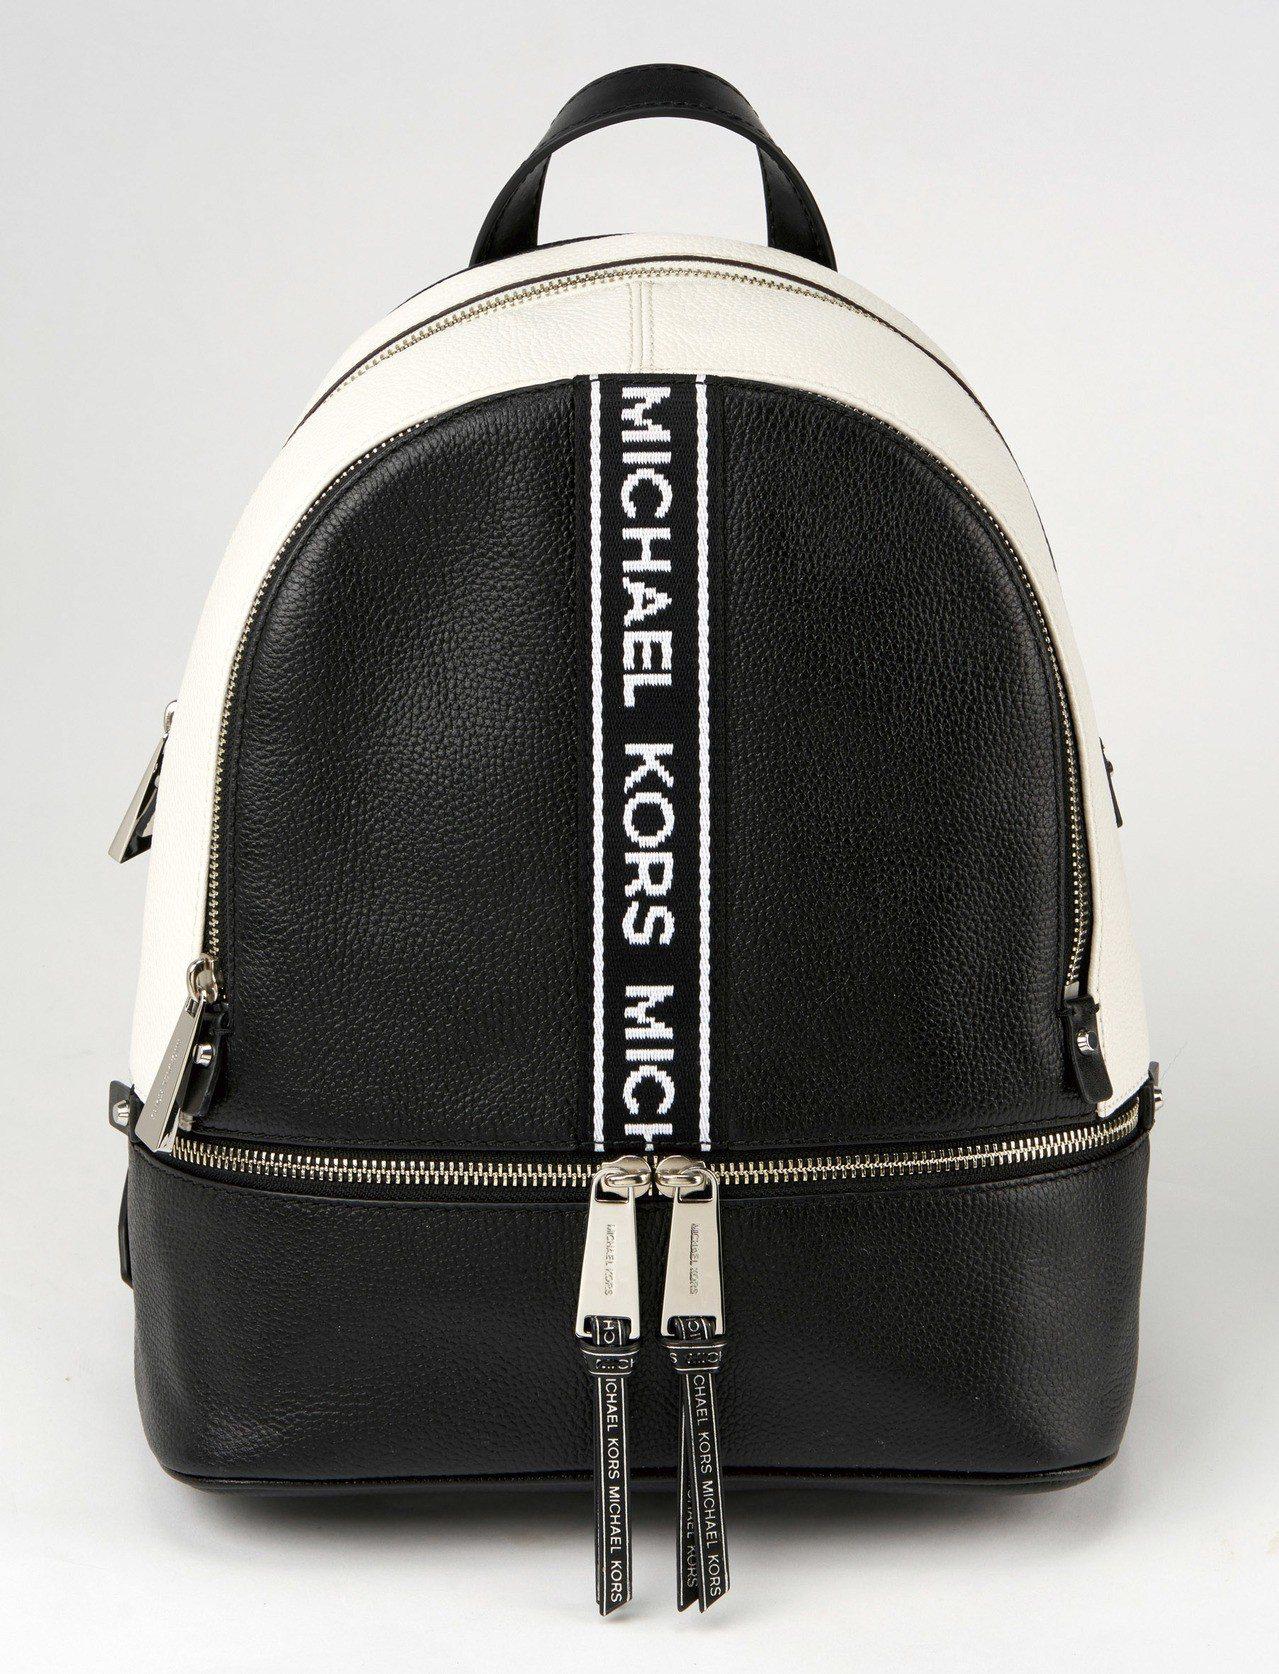 SOGO忠孝館MICHAEL KORS黑白肩背包16,700元。圖/SOGO提供